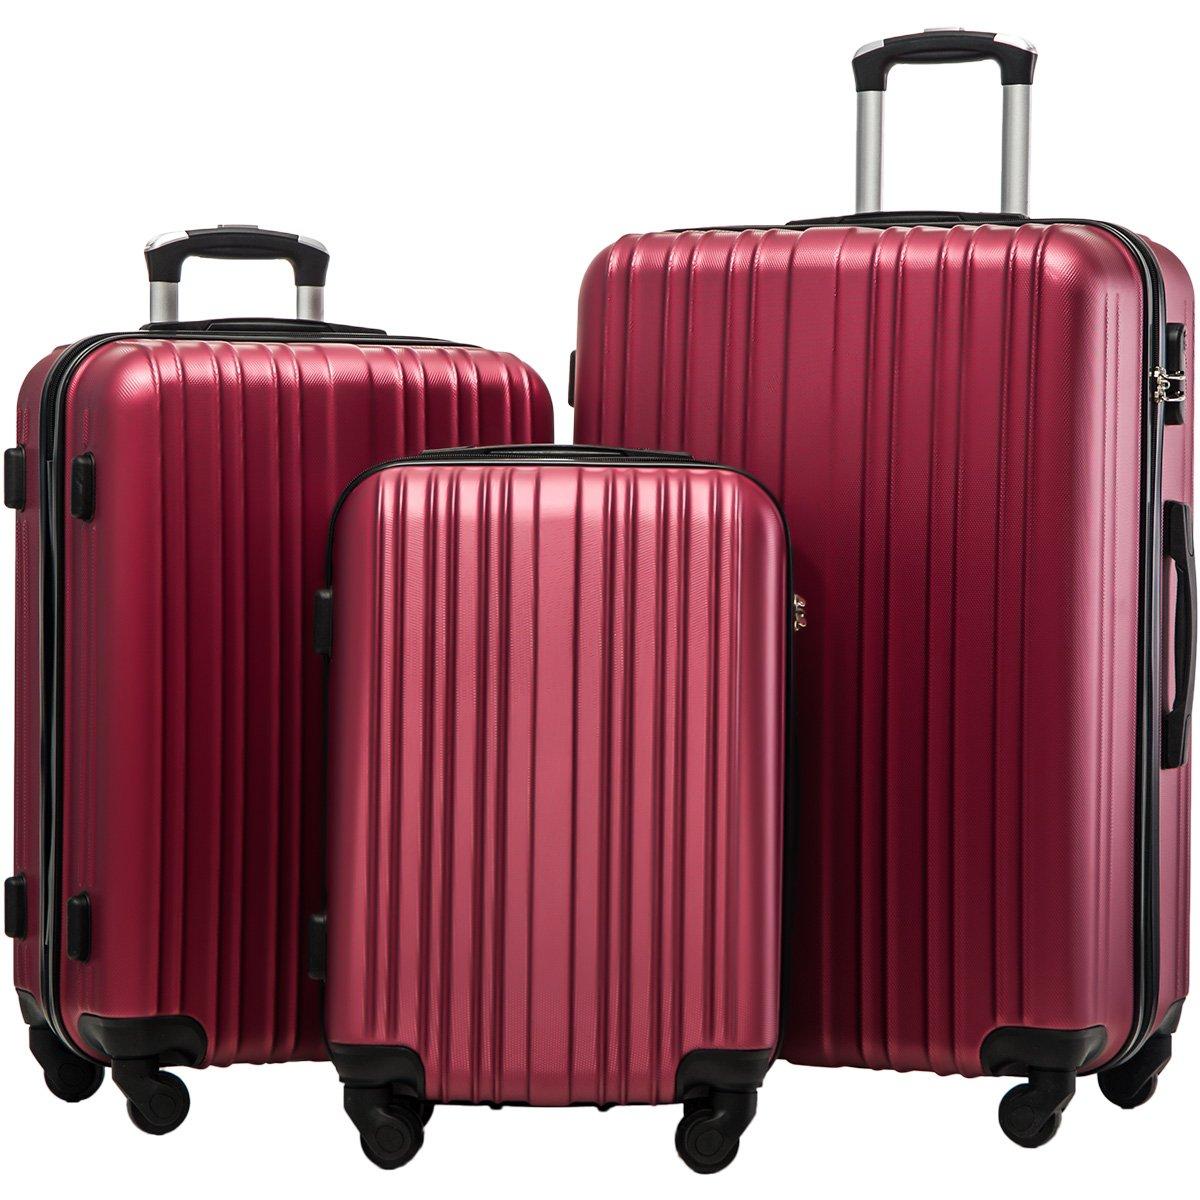 Merax Hylas 3 Piece Luggage Set Lightweight Spinner Suitcase(Wine Red) by Merax